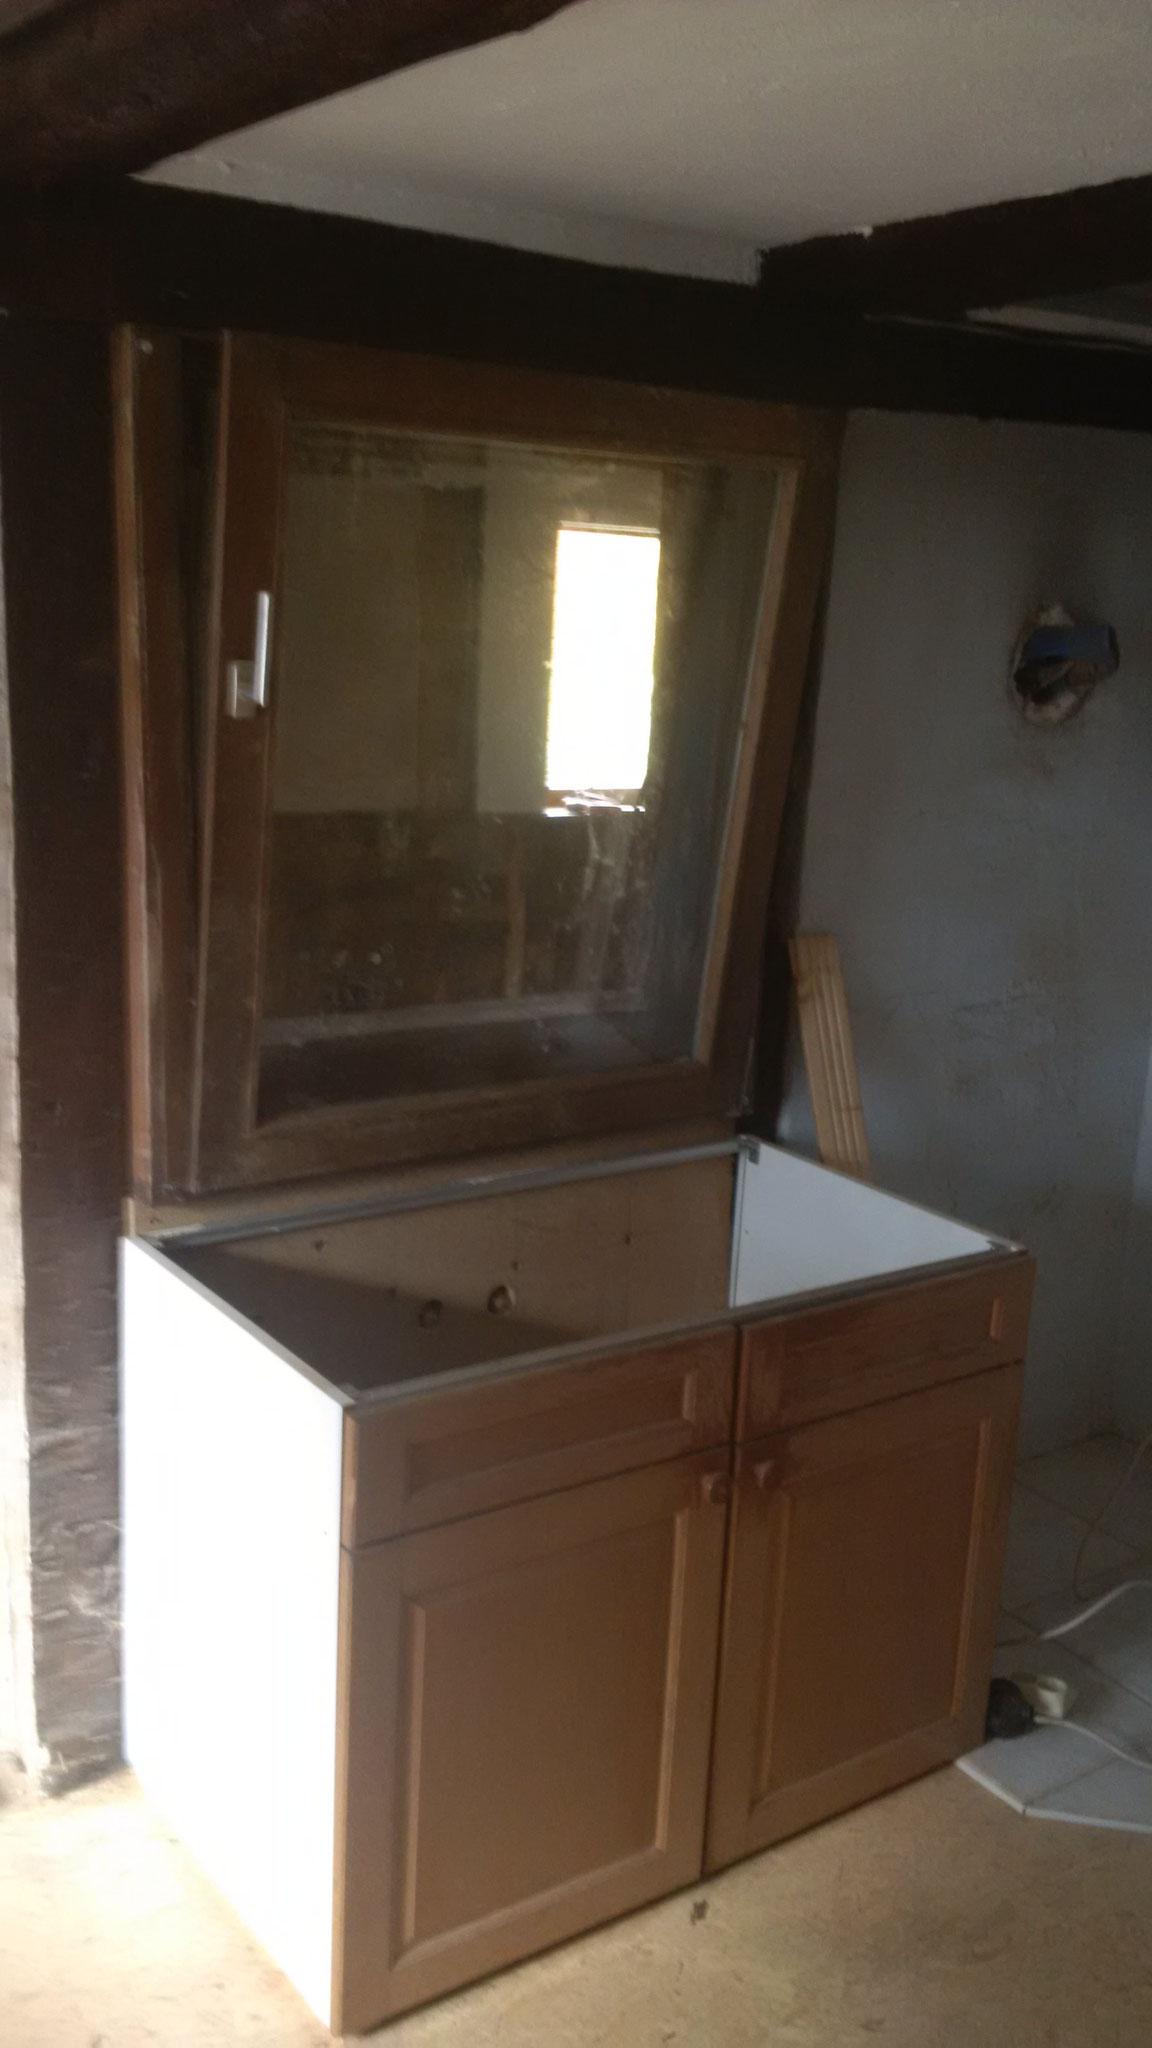 Fenster? Von Küche zum Bad? Ja. So kann mit einem Ofen sowohl die Küche, als auch das Bad beheizt werden. Und die Querlüftung macht eine schnellere Entfeuchtung nach dem Baden / Duschen möglich.